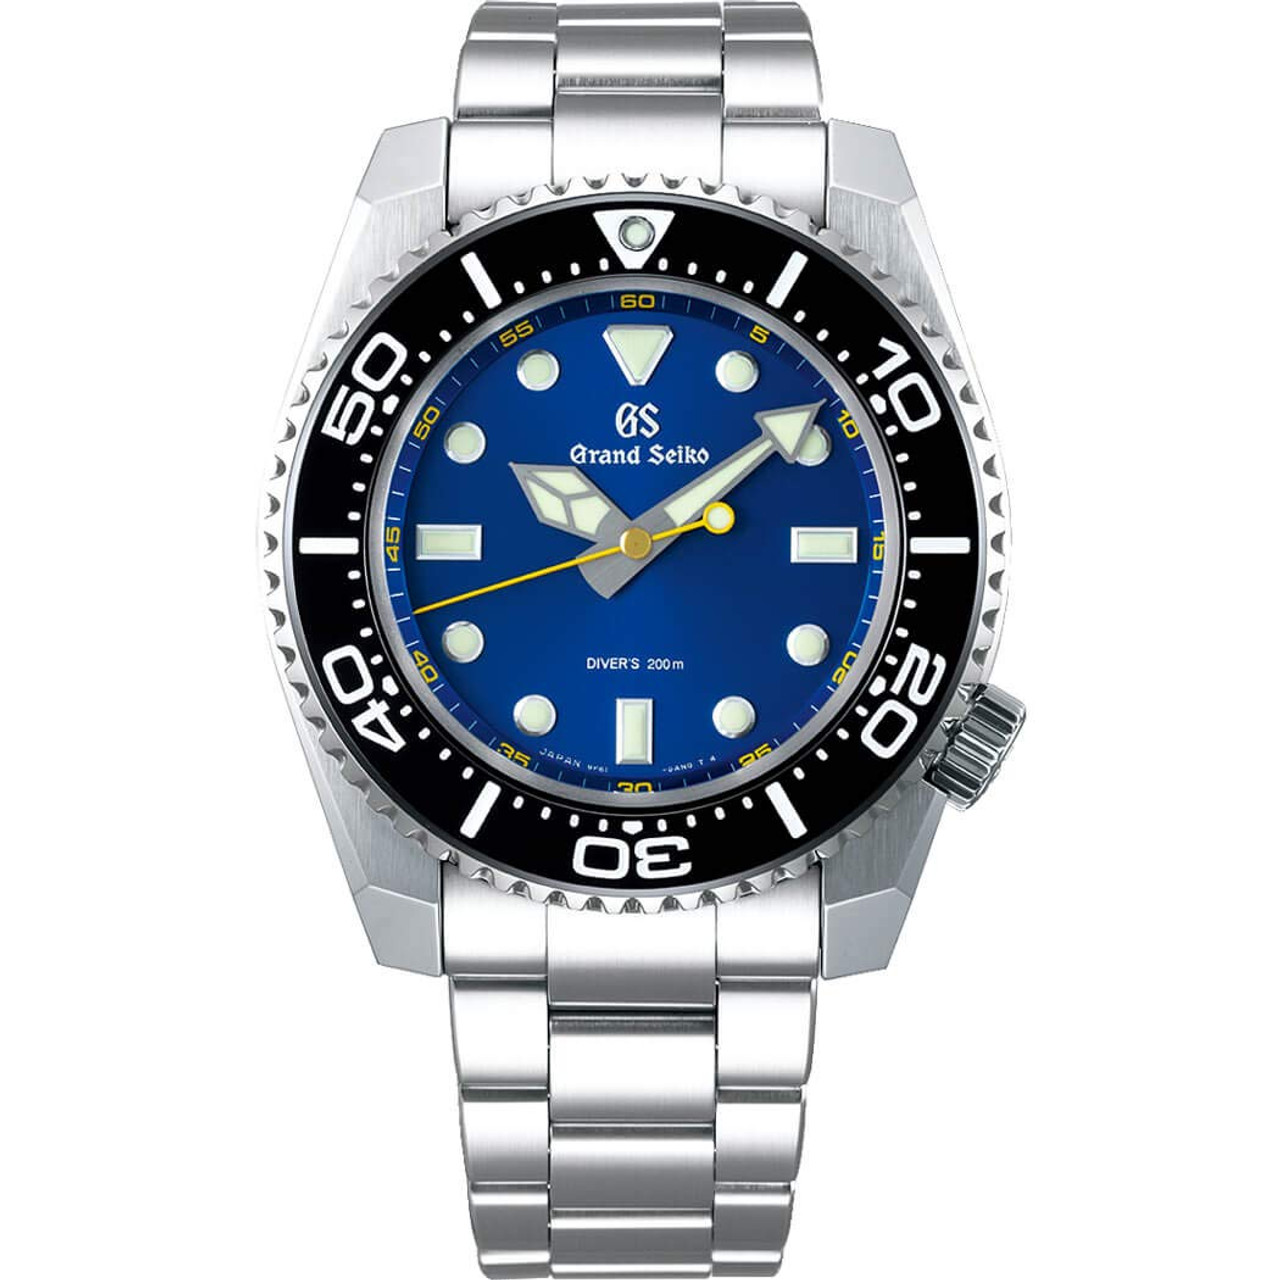 Grand Seiko Quartz Divers Blue Dial SBGX337